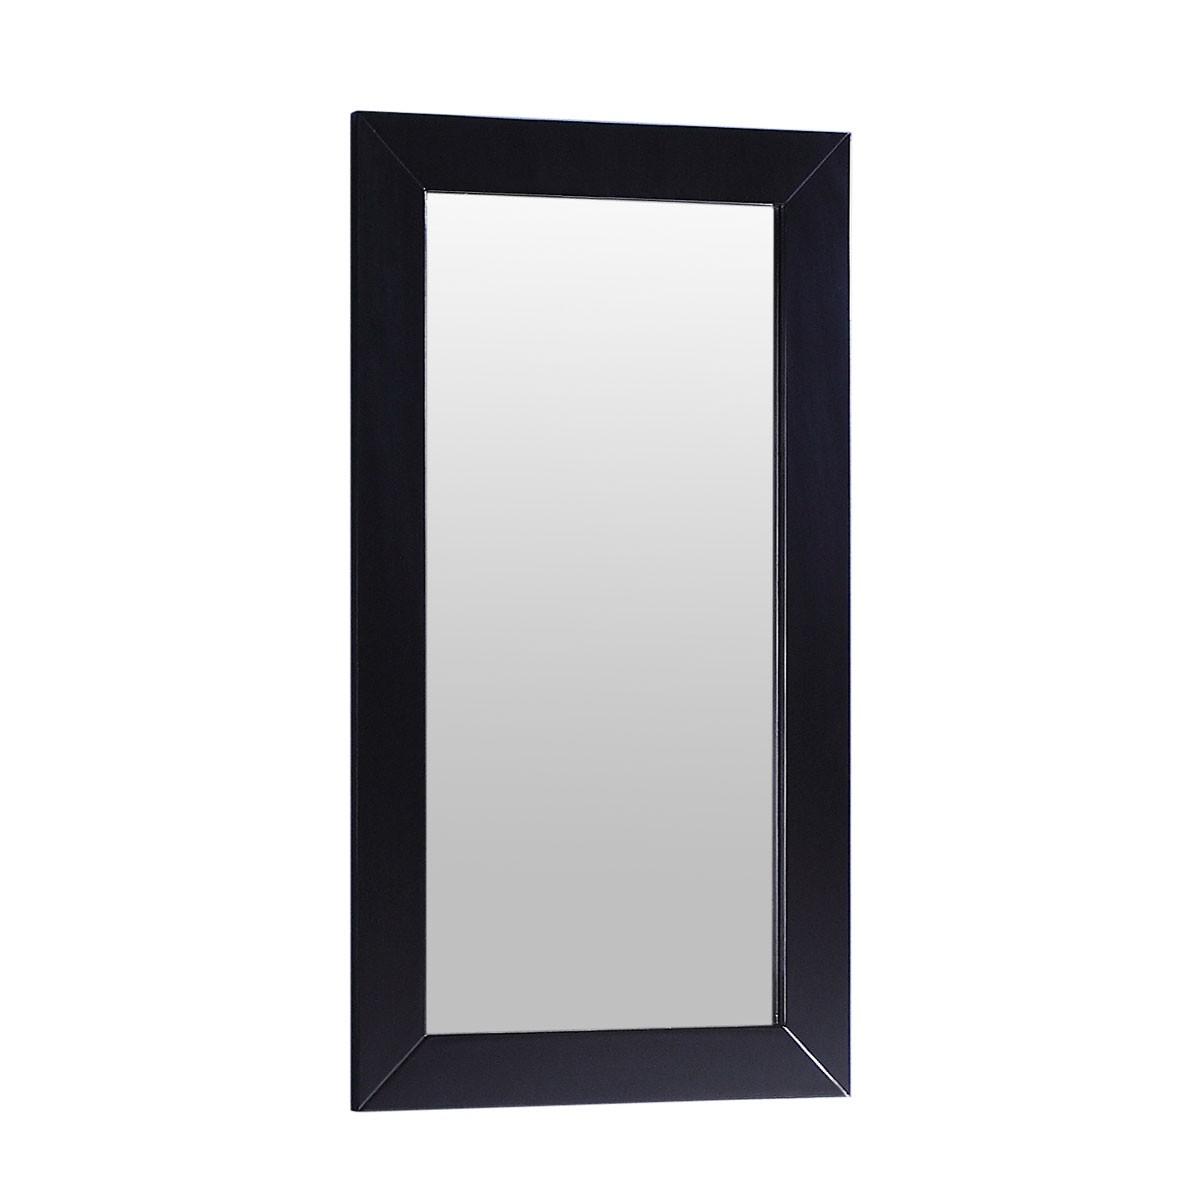 18 x 28 po Miroir avec cadre espresso (DK-T9188-M)